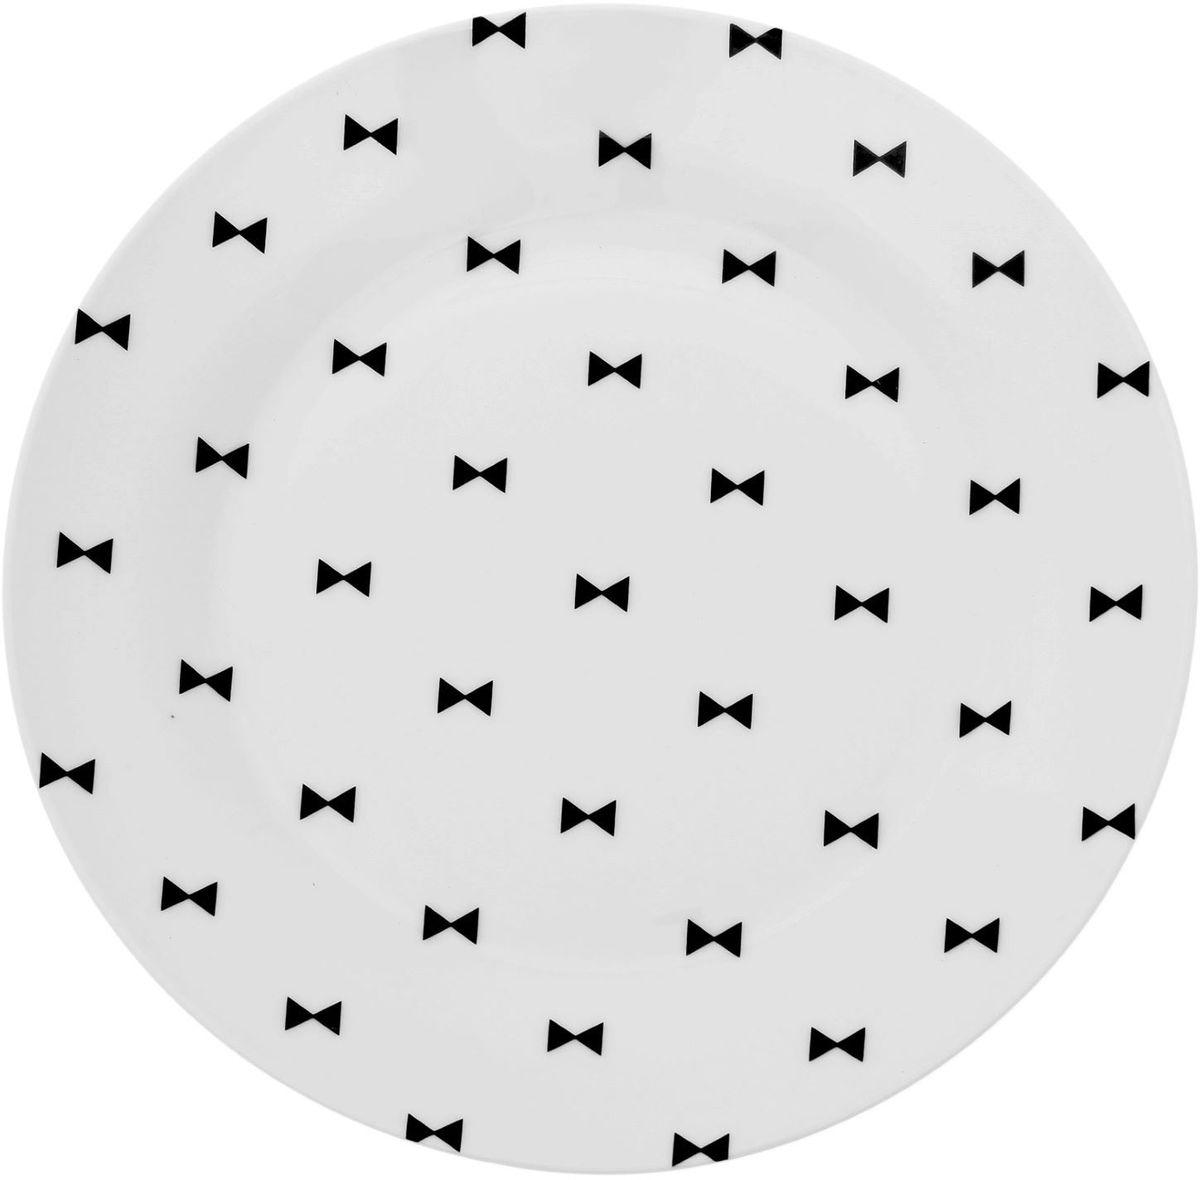 Тарелка Сотвори чудо Бантик, диаметр 23 см54 009312Хотите обновить интерьер кухни или гостиной? Устраиваете необычную фотосессию или тематический праздник? А может, просто ищете подарок для близкого человека? Посуда Сотвори Чудо — правильный выбор в любой ситуации. Тарелка Сотвори Чудо, изготовленная из изящного фаянса нежного сливочного цвета, оформлена оригинальным рисунком со стойкой краской. Пригодна для посудомоечной машины.